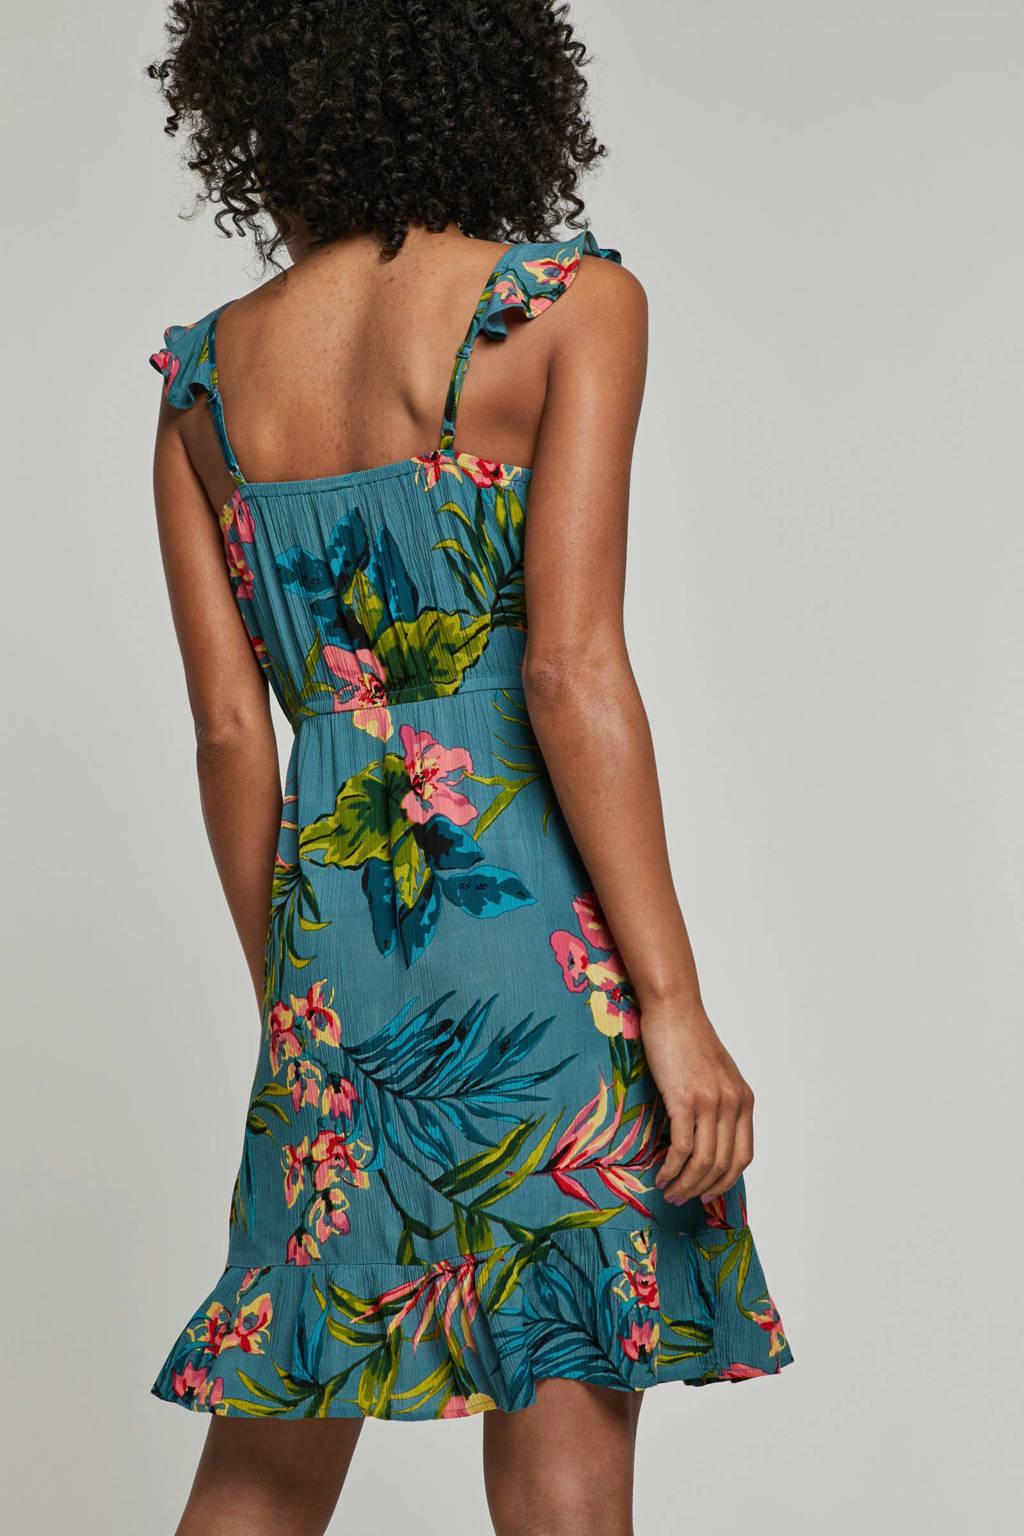 ecf353b40f4cf1 whkmp's beachwave crinkle jurk met bloemenprint, Turquoise/Groen/Roze